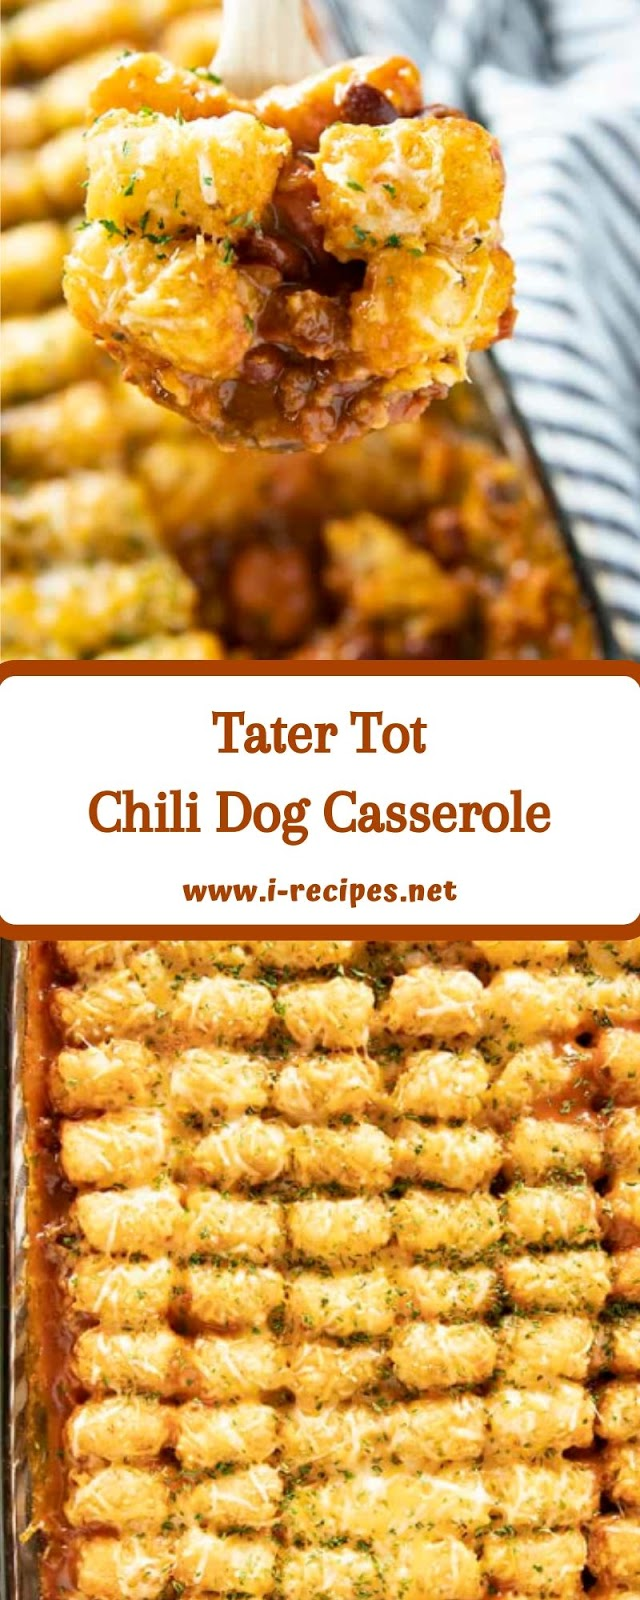 Tater Tot Chili Dog Casserole